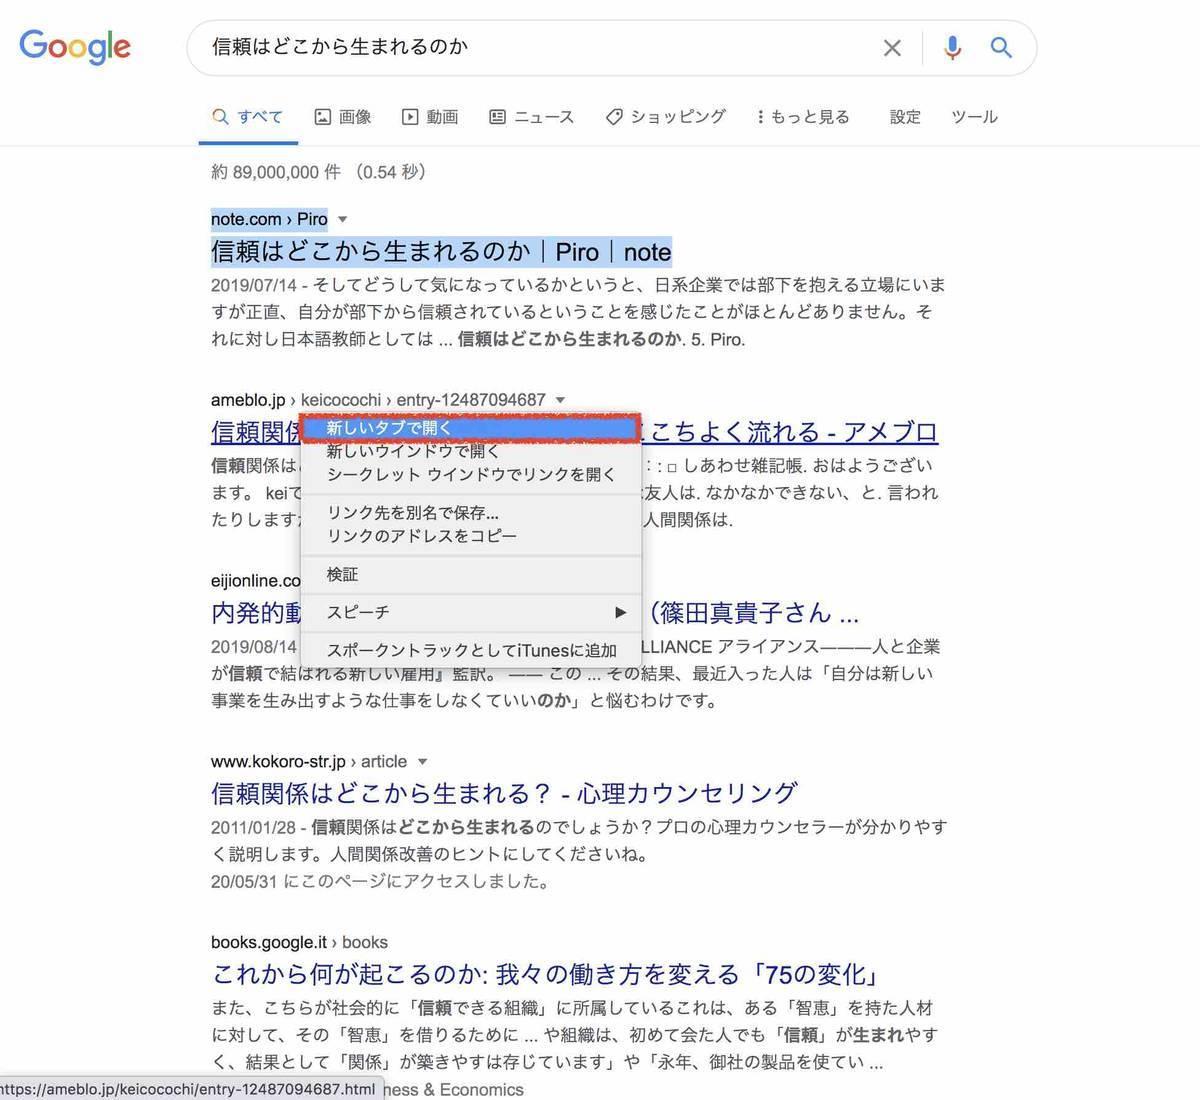 f:id:kaedetaniyoshi:20200602030152j:plain